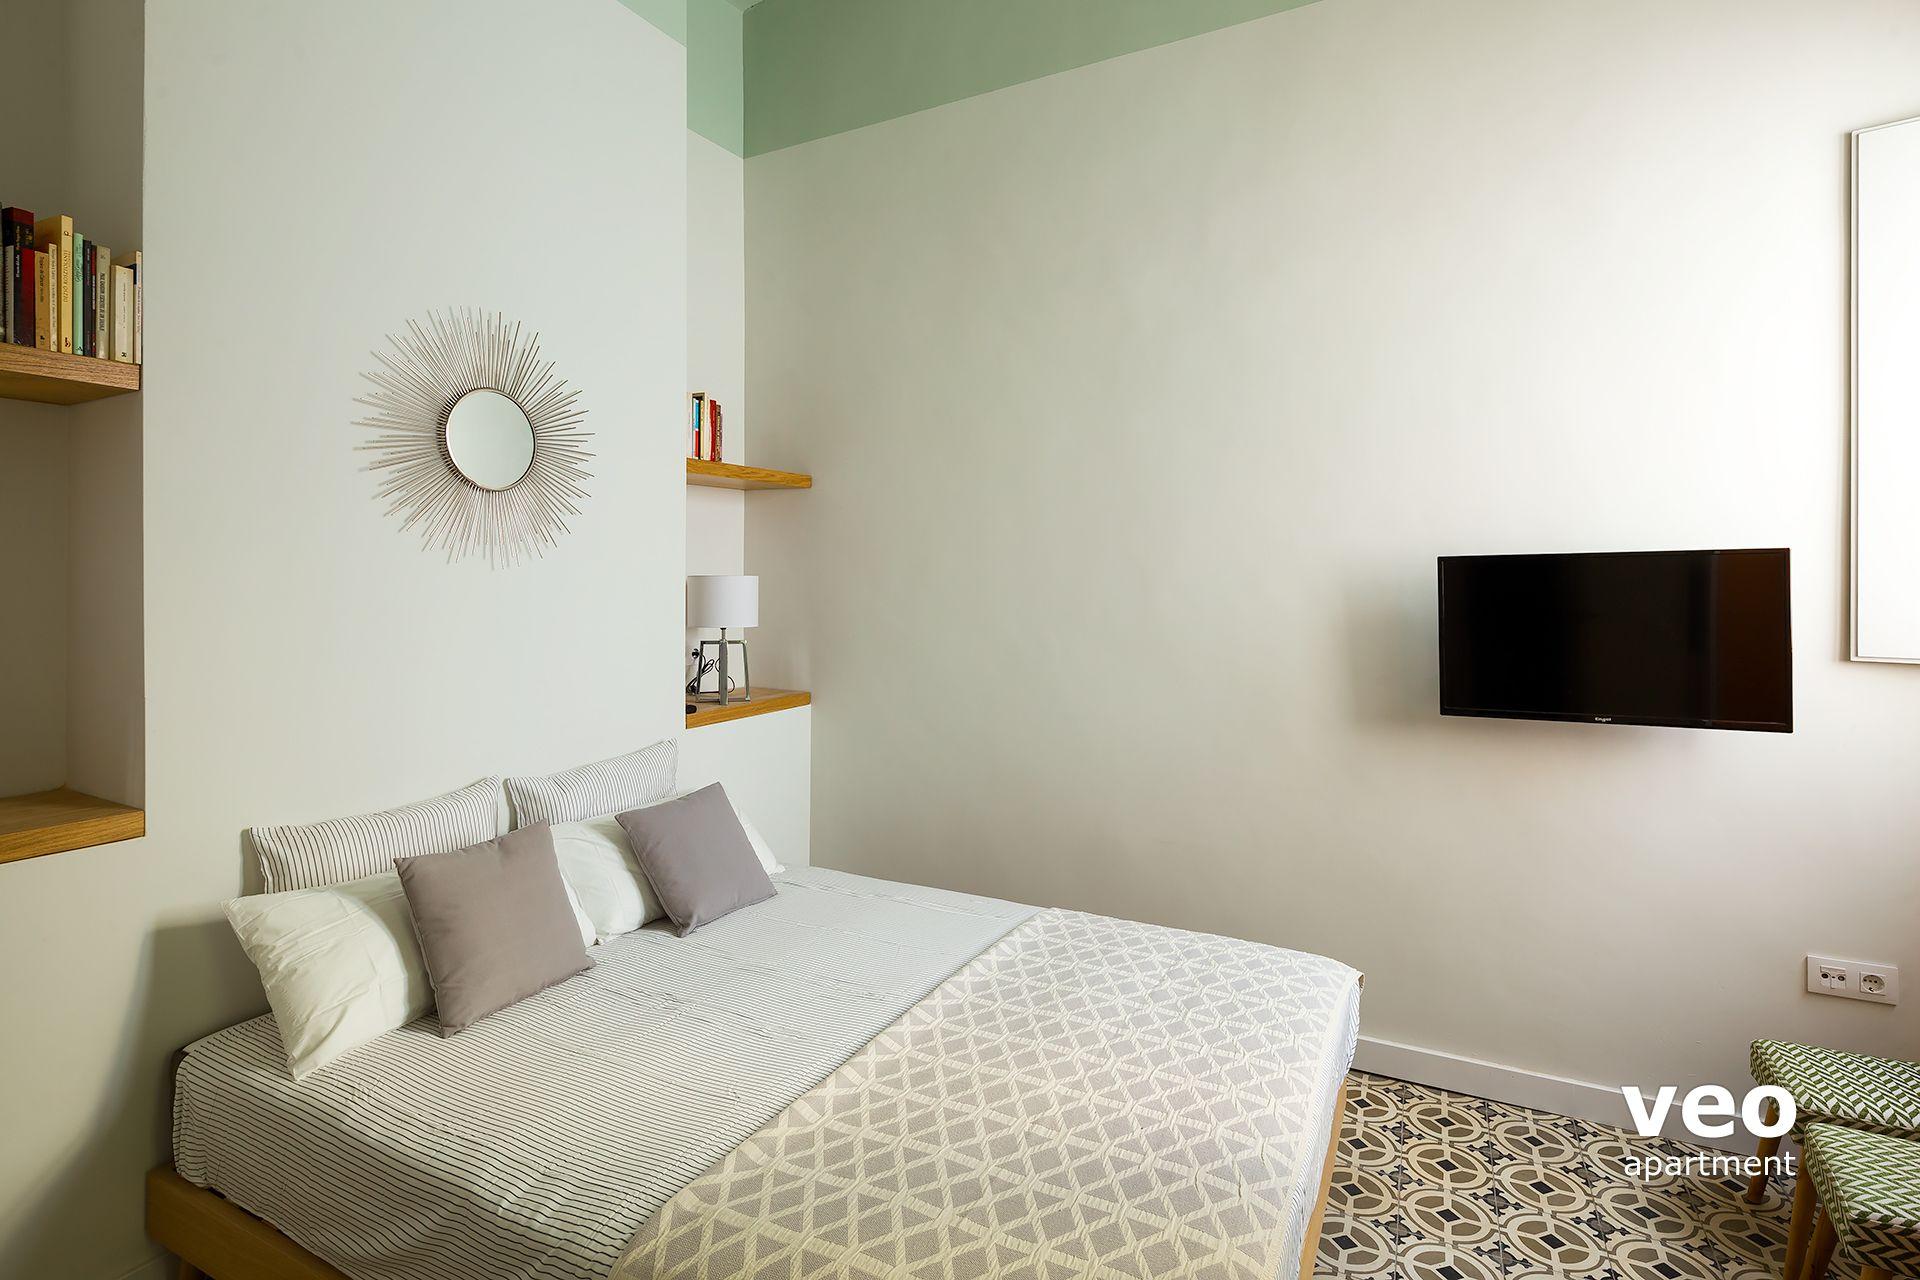 Sevilla apartmento calle rodrigo de triana sevilla espa a for Registro bienes muebles sevilla